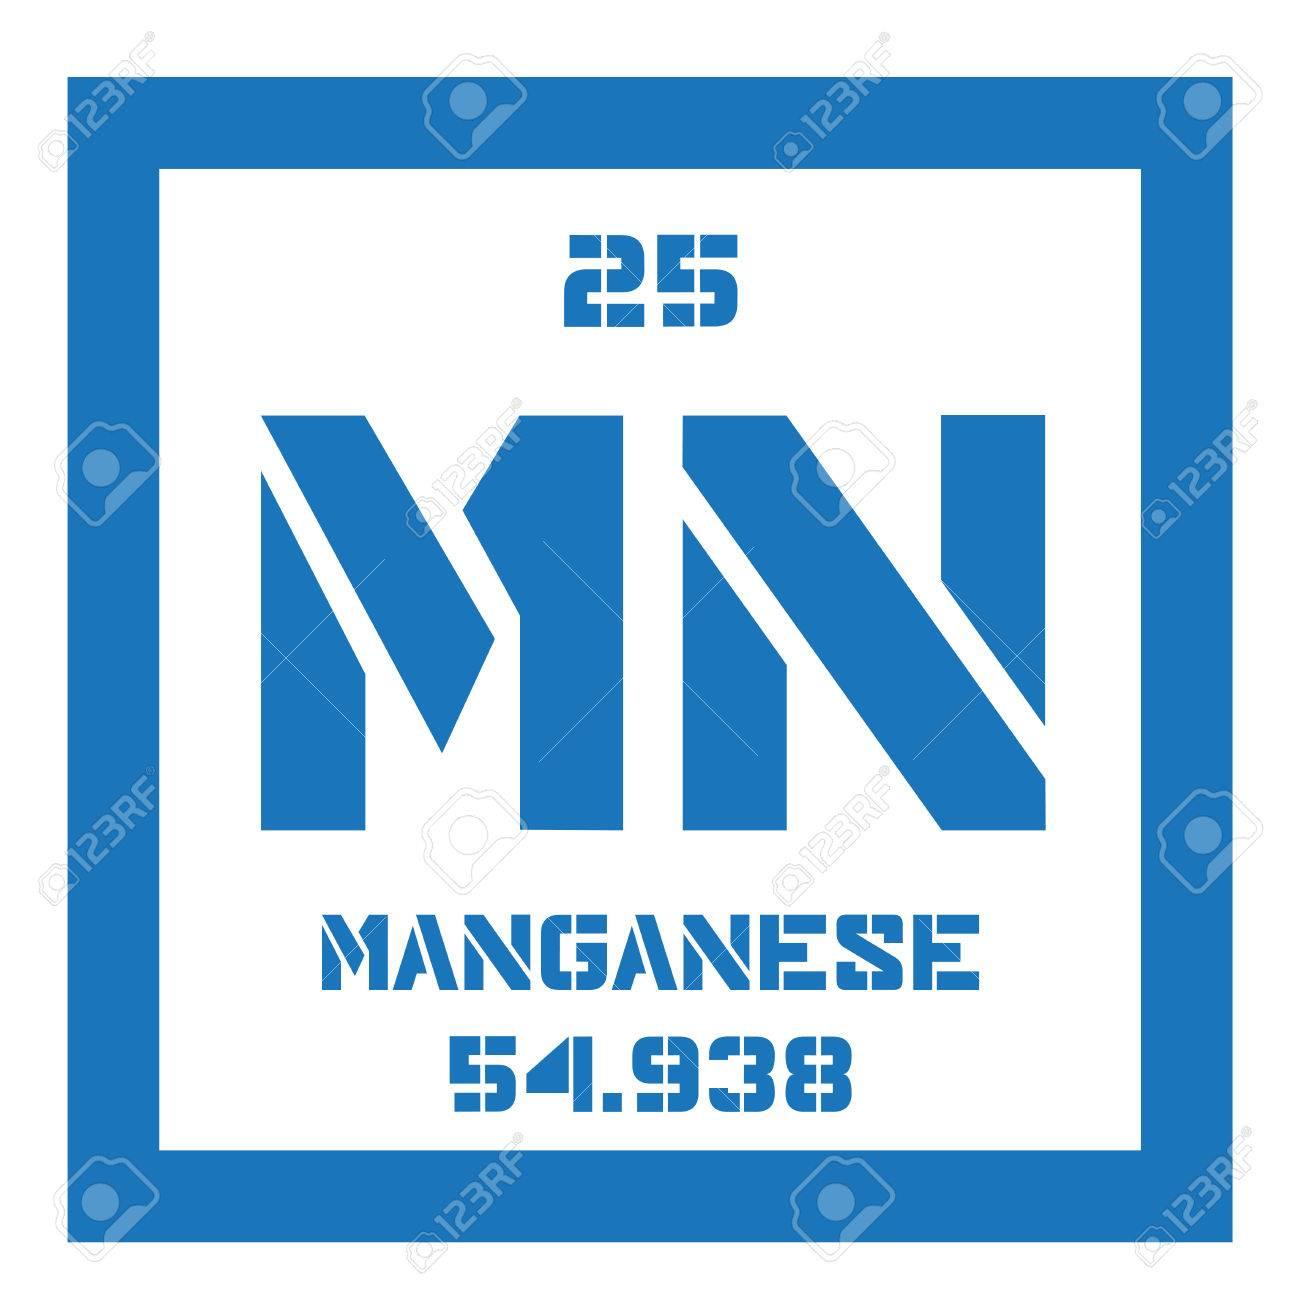 Elemento qumico de manganeso icono de color con el nmero atmico elemento qumico de manganeso icono de color con el nmero atmico y el peso atmico urtaz Image collections